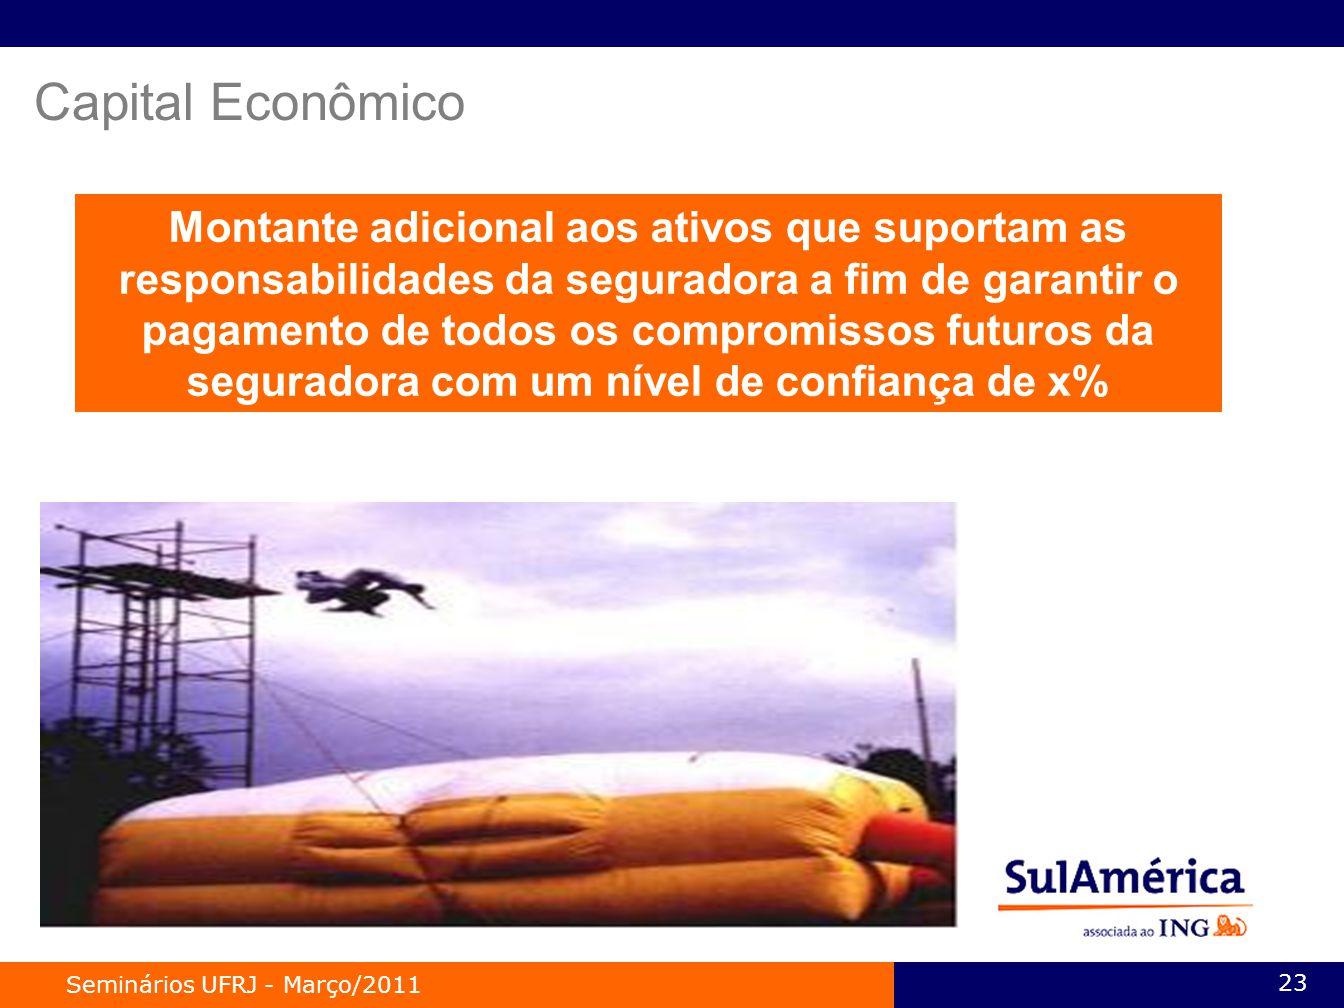 Seminários UFRJ - Março/2011 23 Montante adicional aos ativos que suportam as responsabilidades da seguradora a fim de garantir o pagamento de todos os compromissos futuros da seguradora com um nível de confiança de x% Capital Econômico